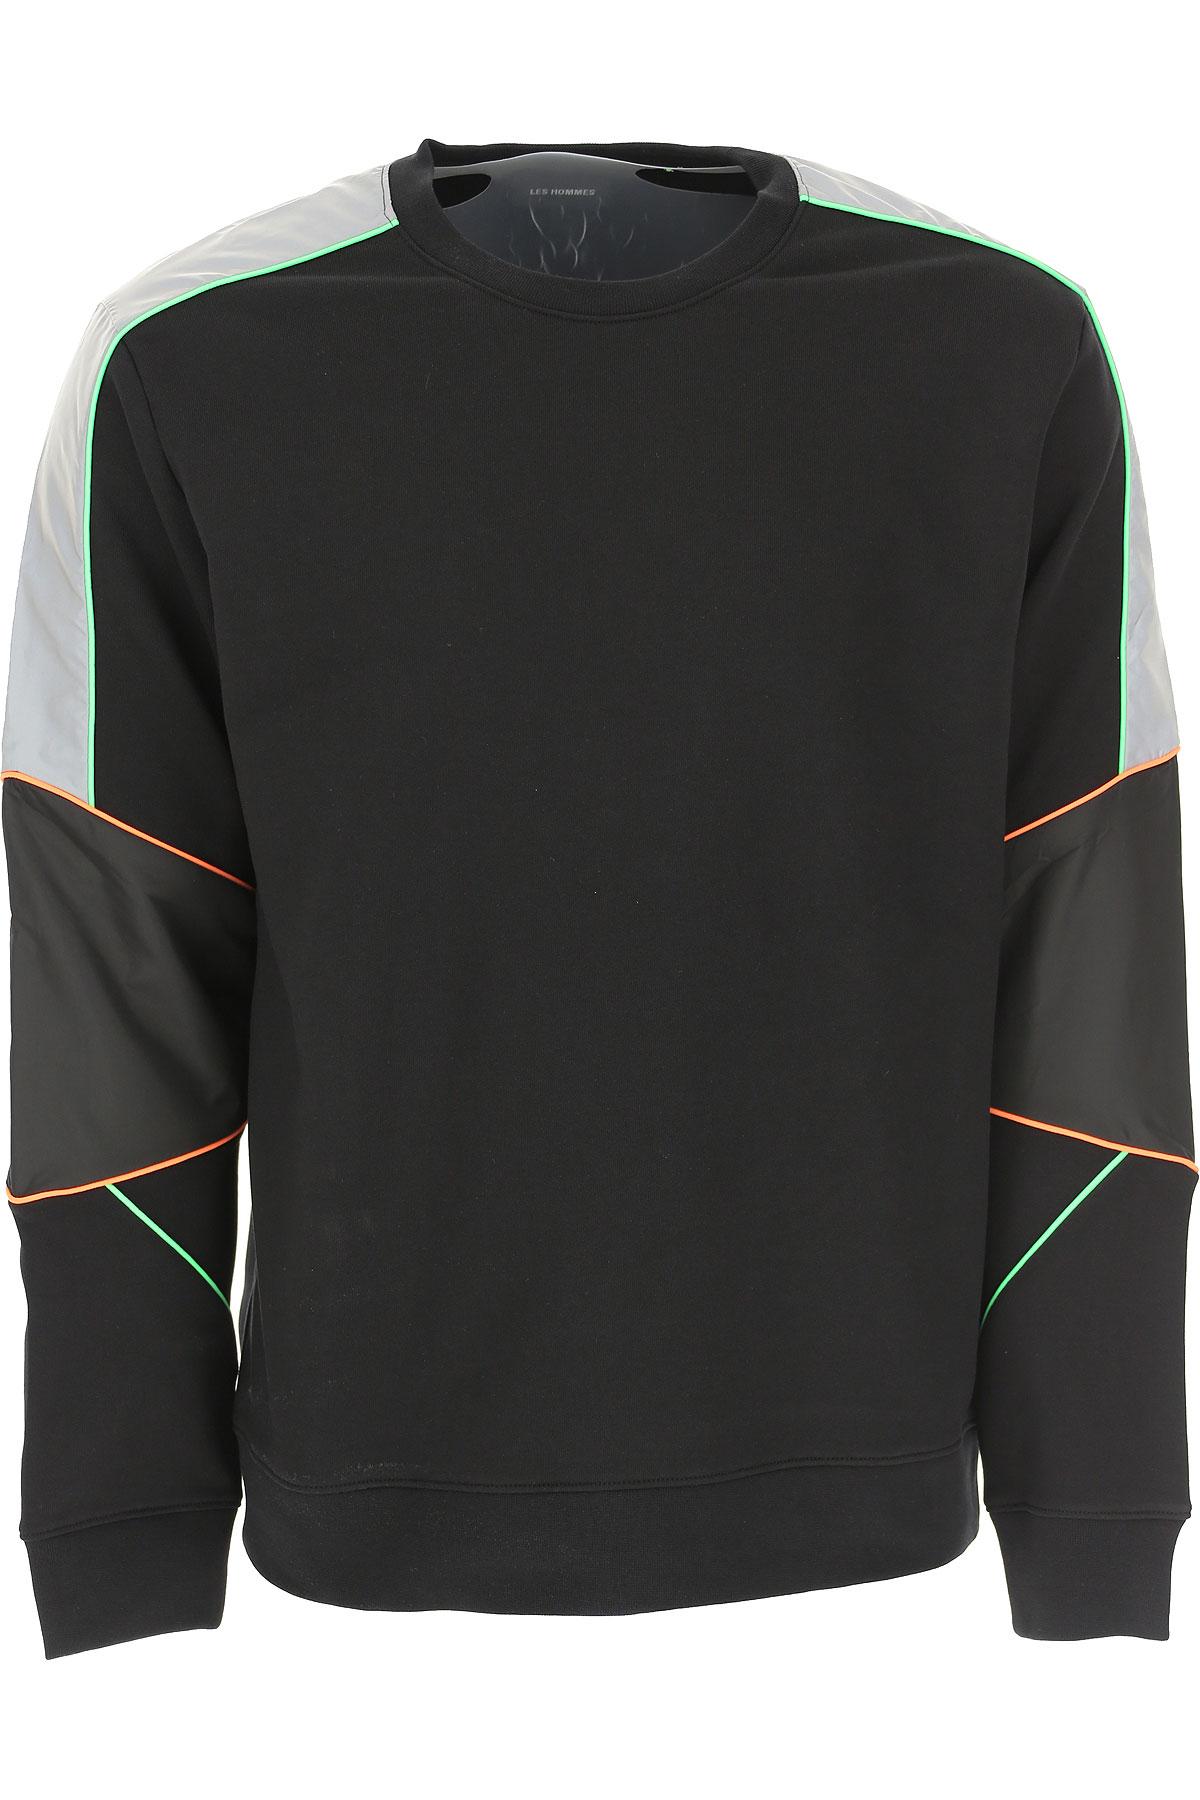 Les Hommes Sweatshirt for Men On Sale, Black, Cotton, 2019, L M XL